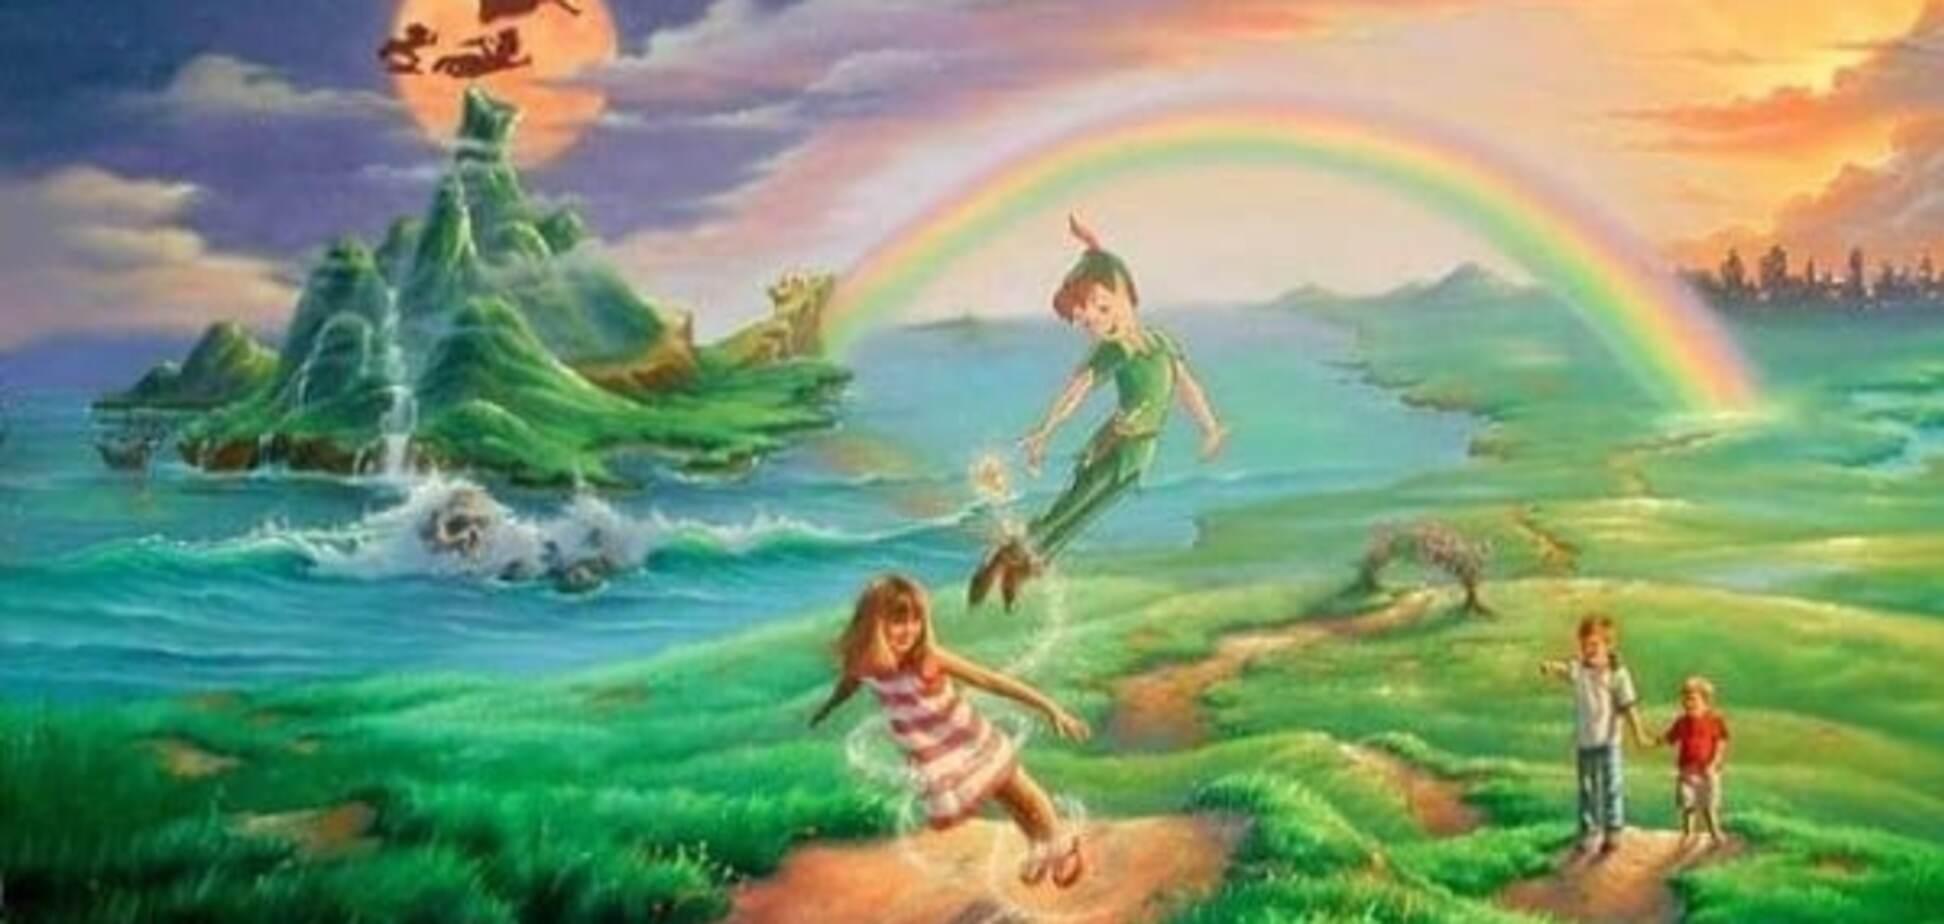 Как притягивать чудеса в свою жизнь?